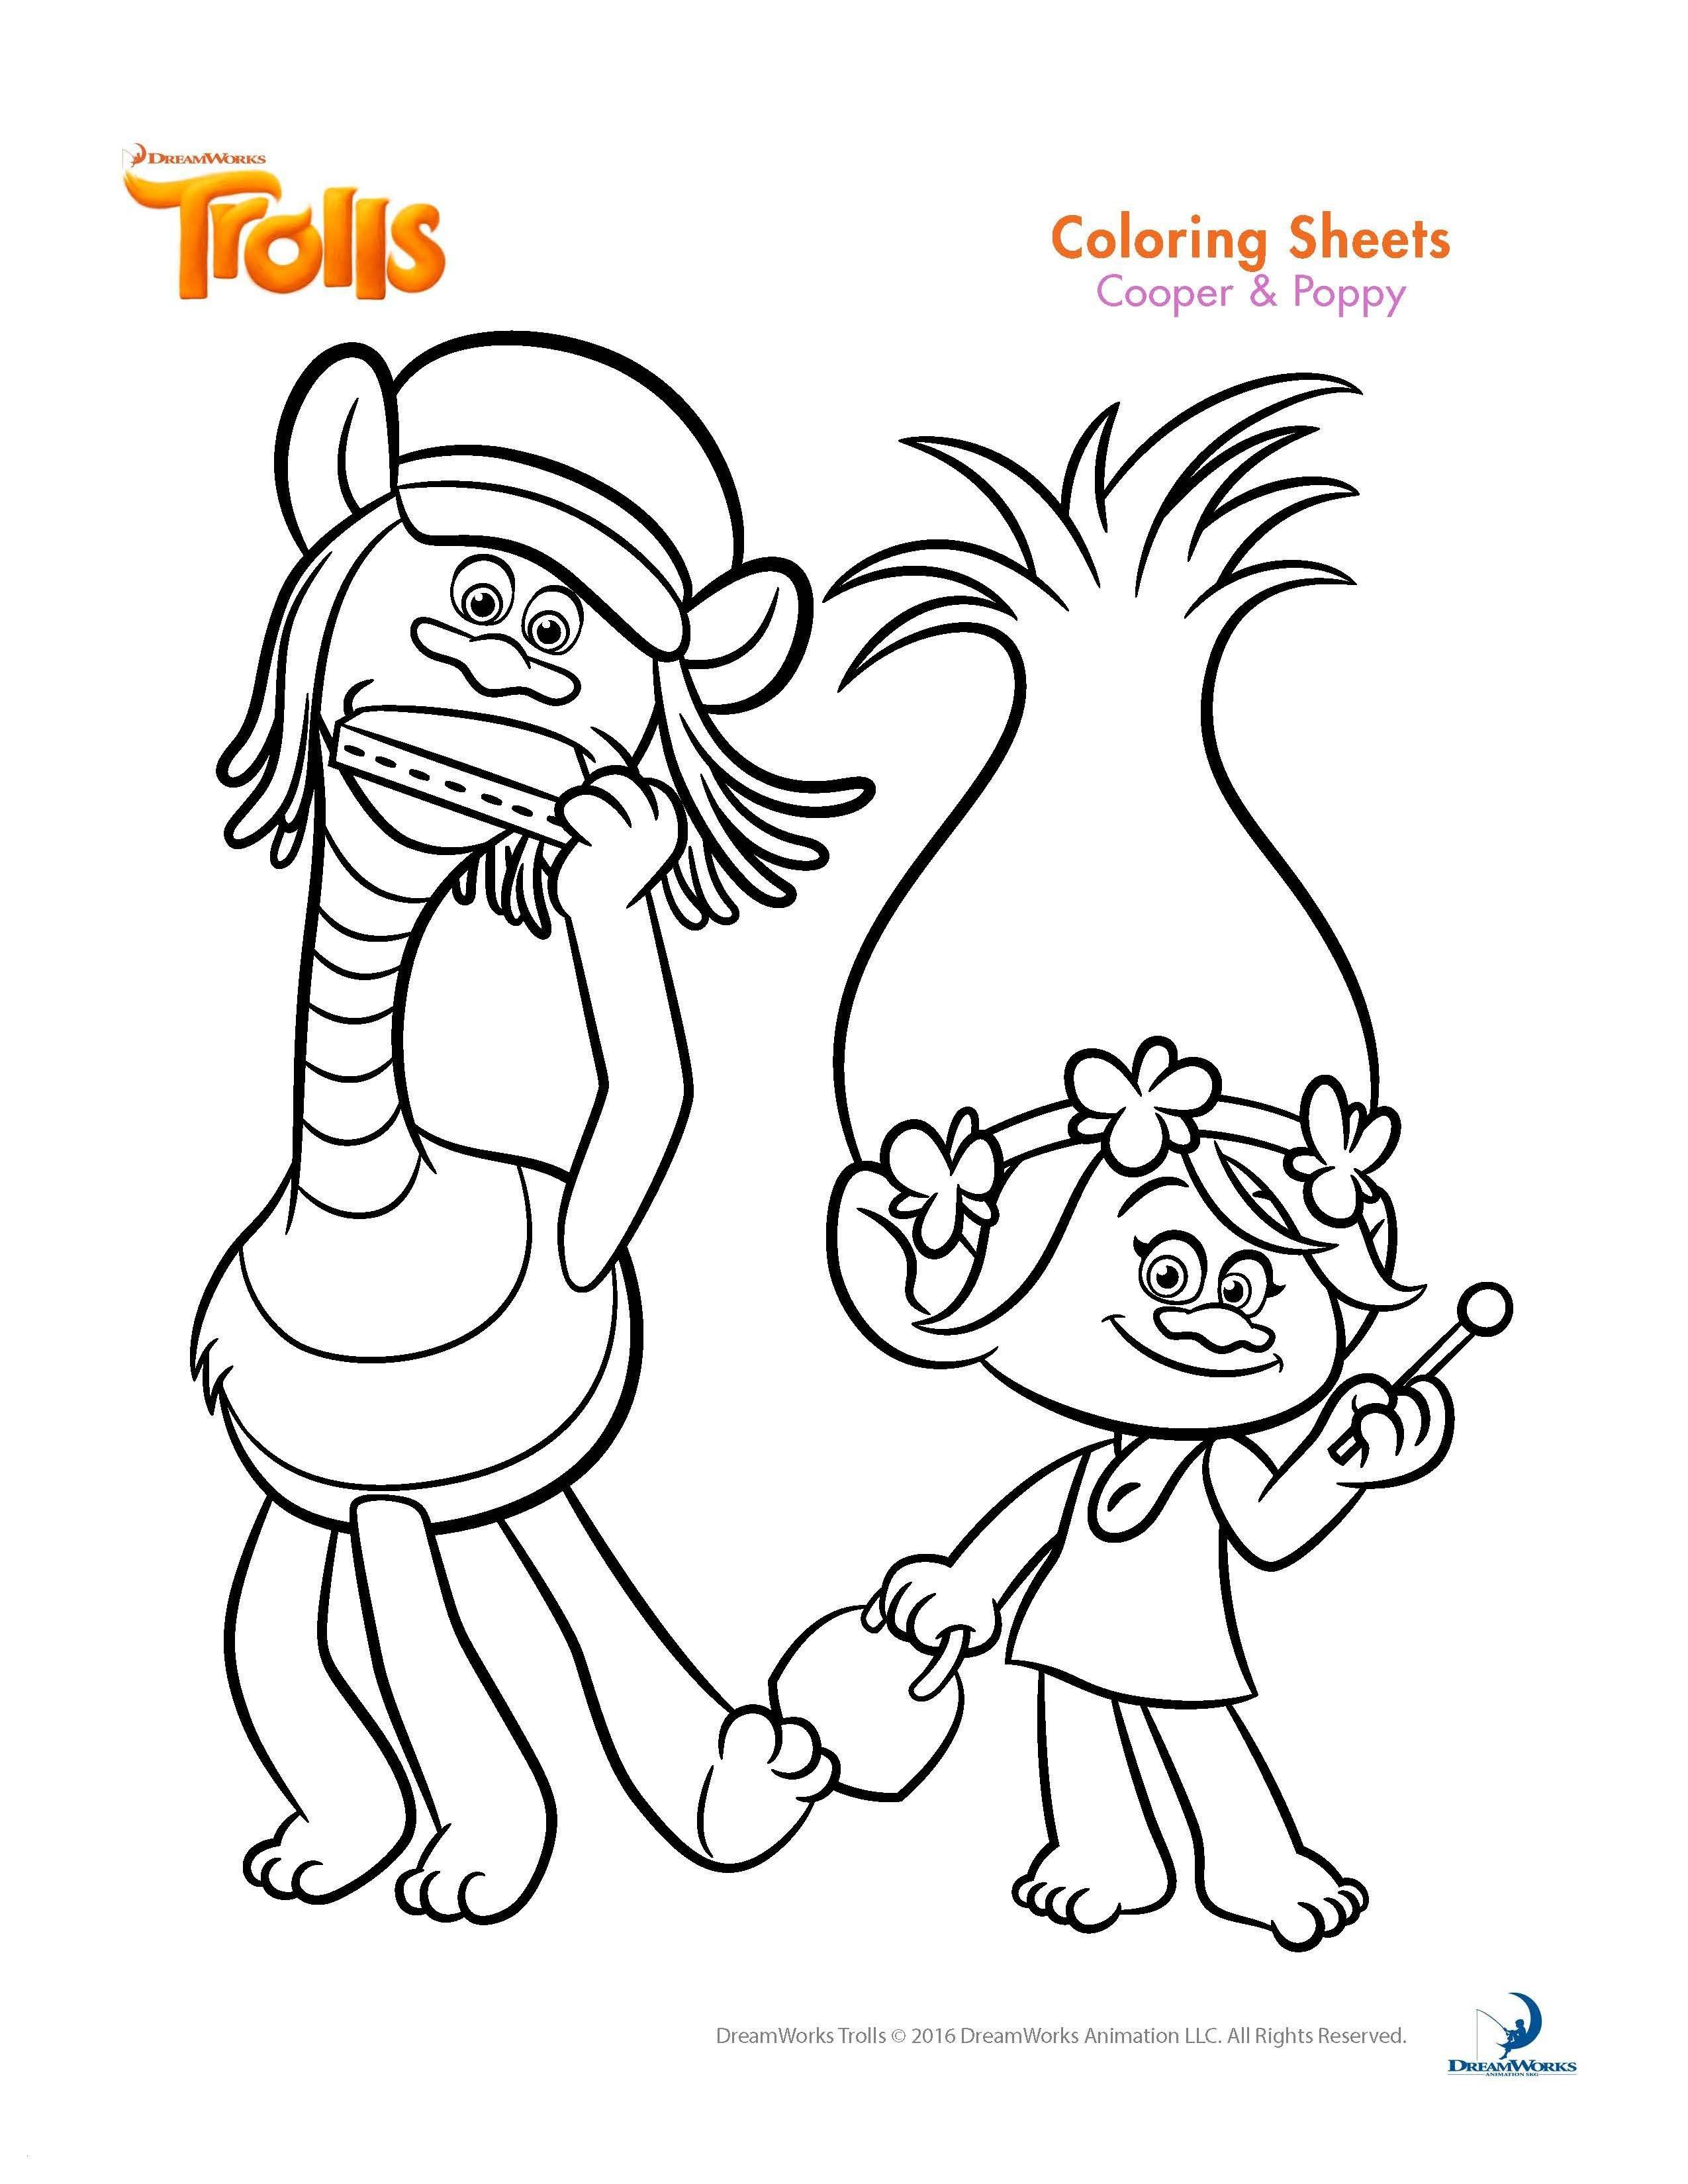 Ausmalbilder Winnie Pooh Neu Ausmalbilder Winnie Puuh Inspirierend 40 Winnie Pooh Und Seine Galerie